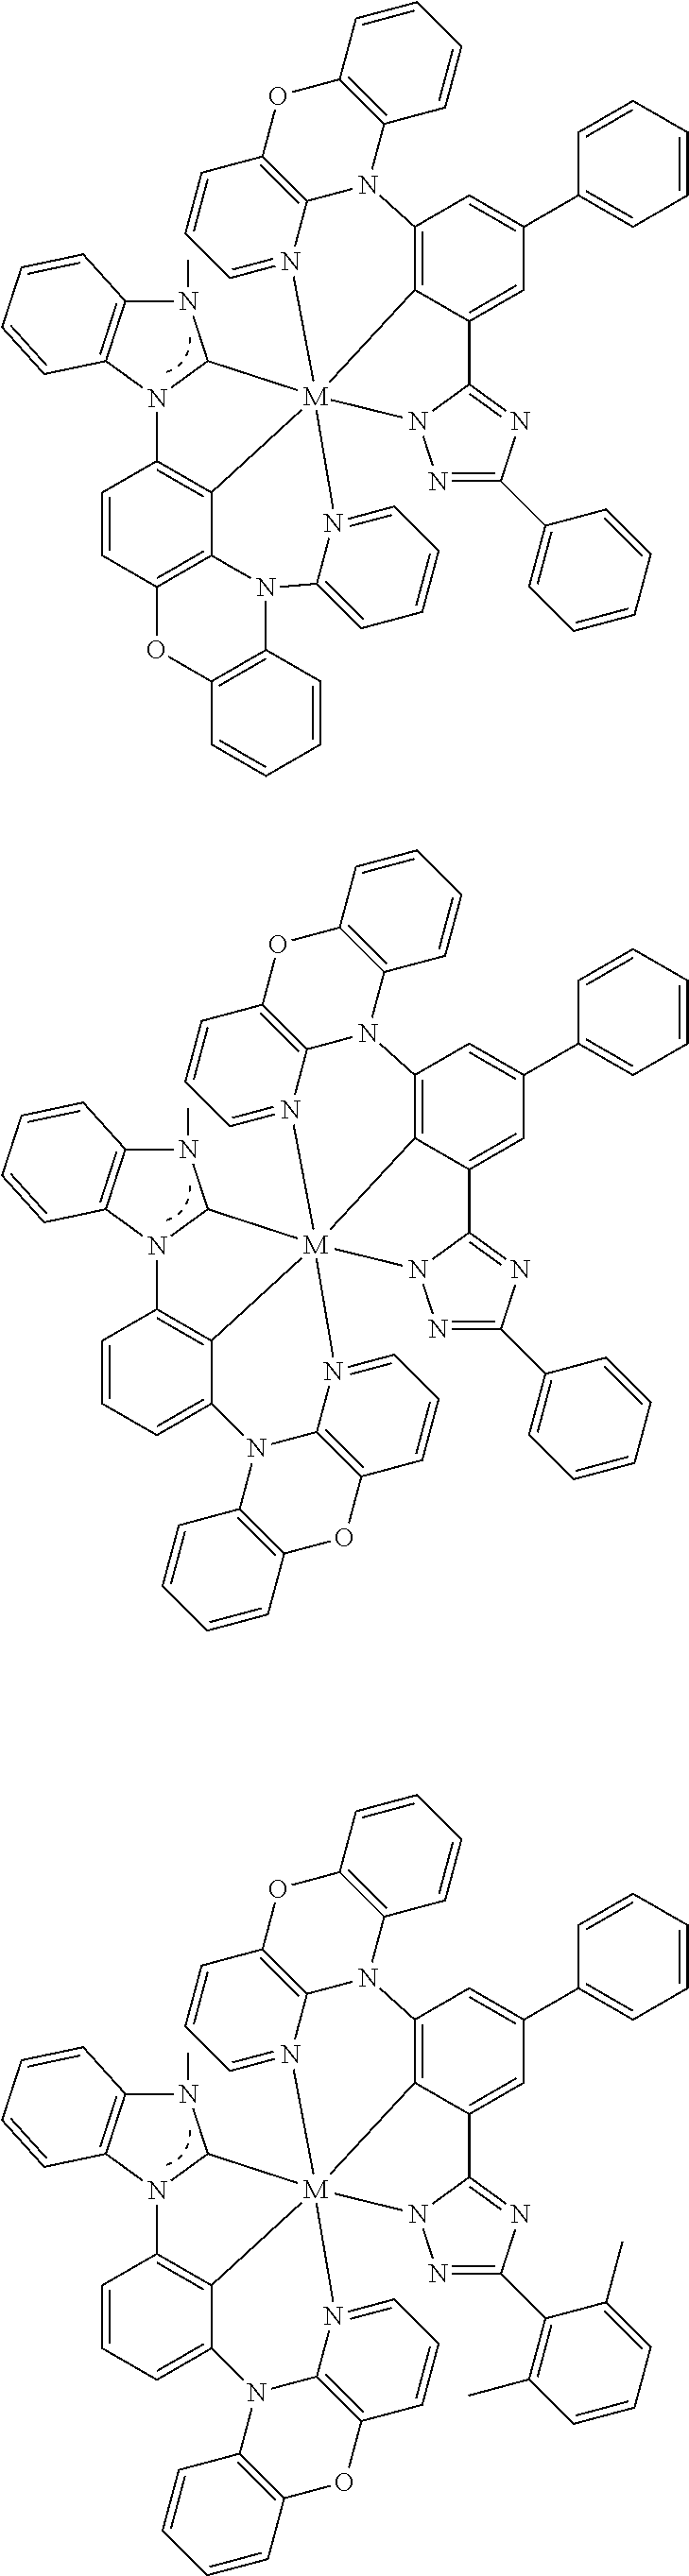 Figure US09818959-20171114-C00413